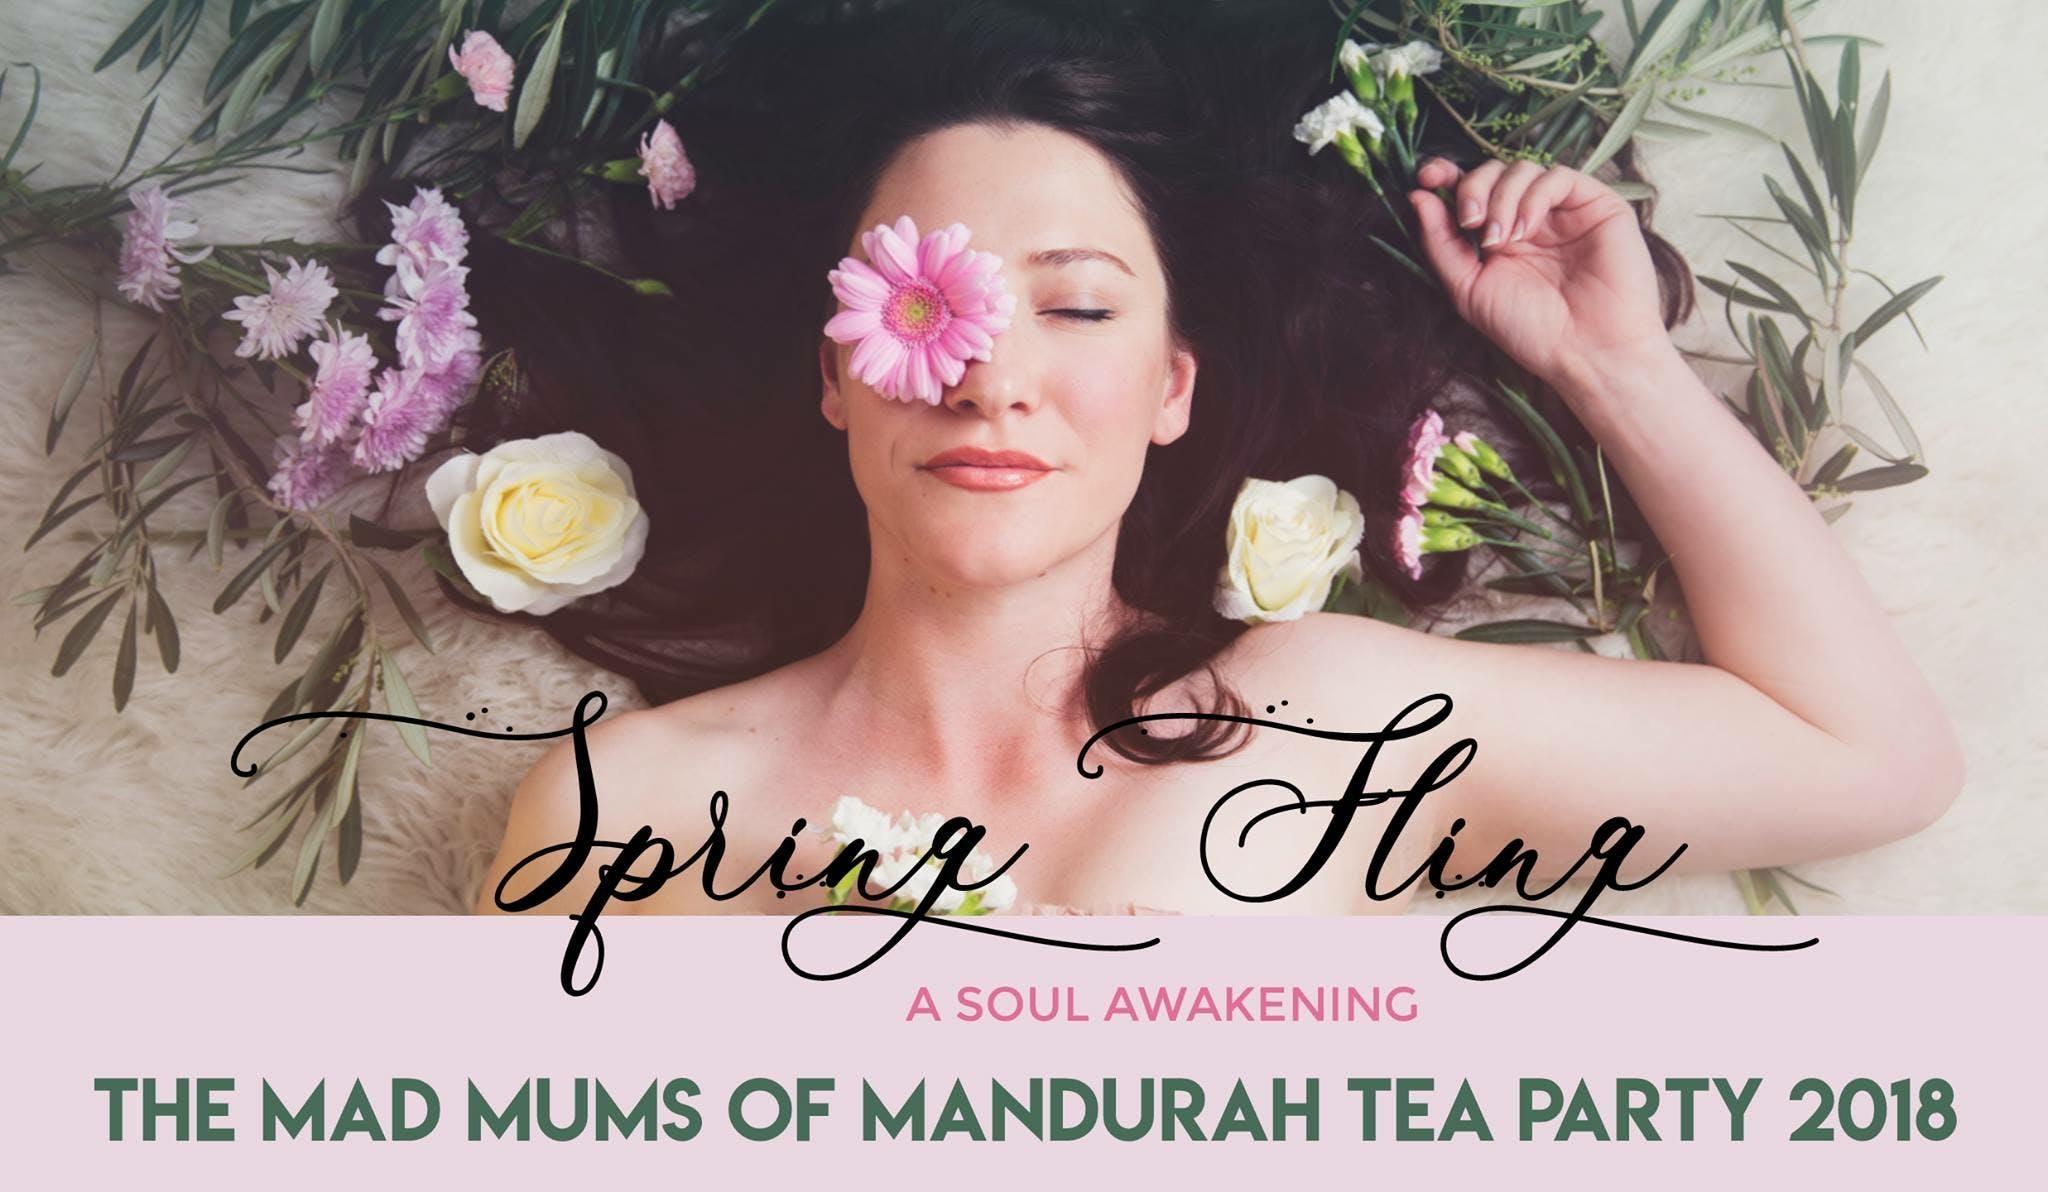 Mad Mums of Mandurah Tea Party